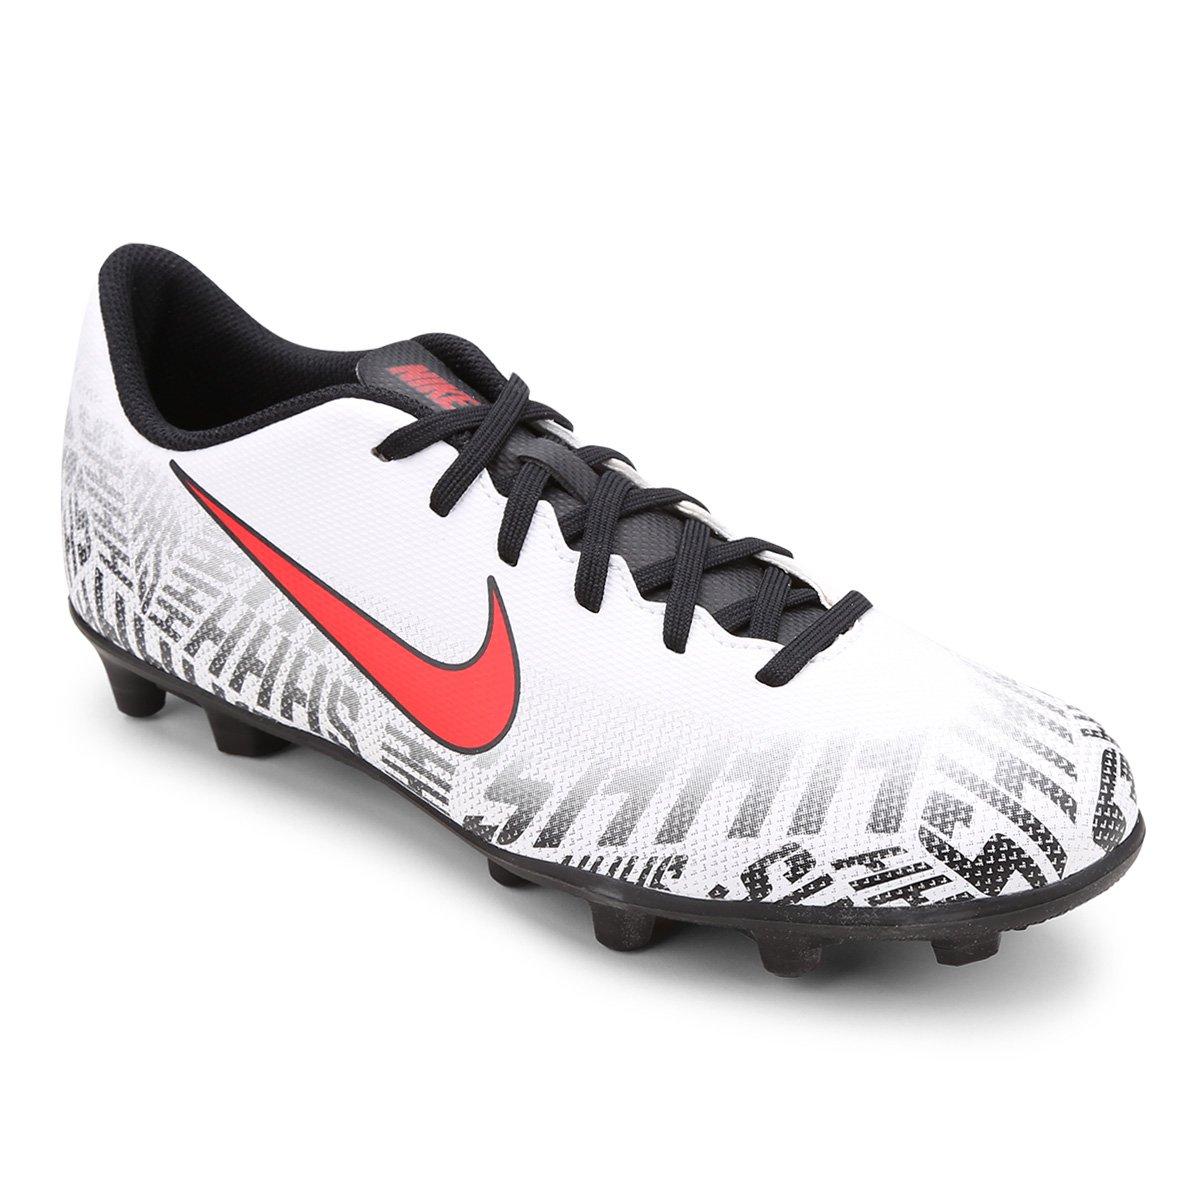 099a951daf Chuteira Campo Nike Mercurial Vapor 12 Club Neymar Jr FG